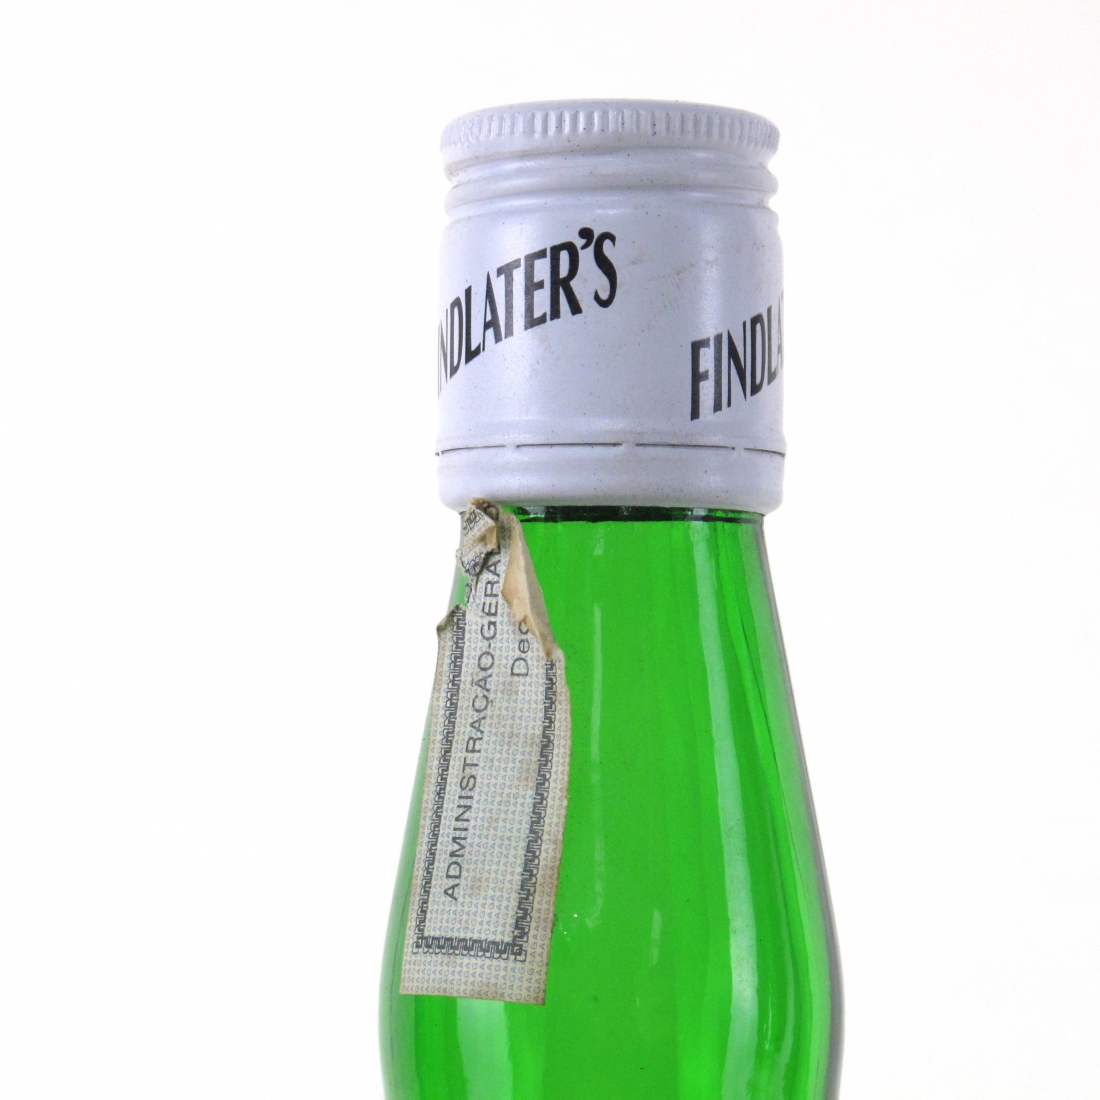 Findlater's Finest Scotch Whisky 1980s